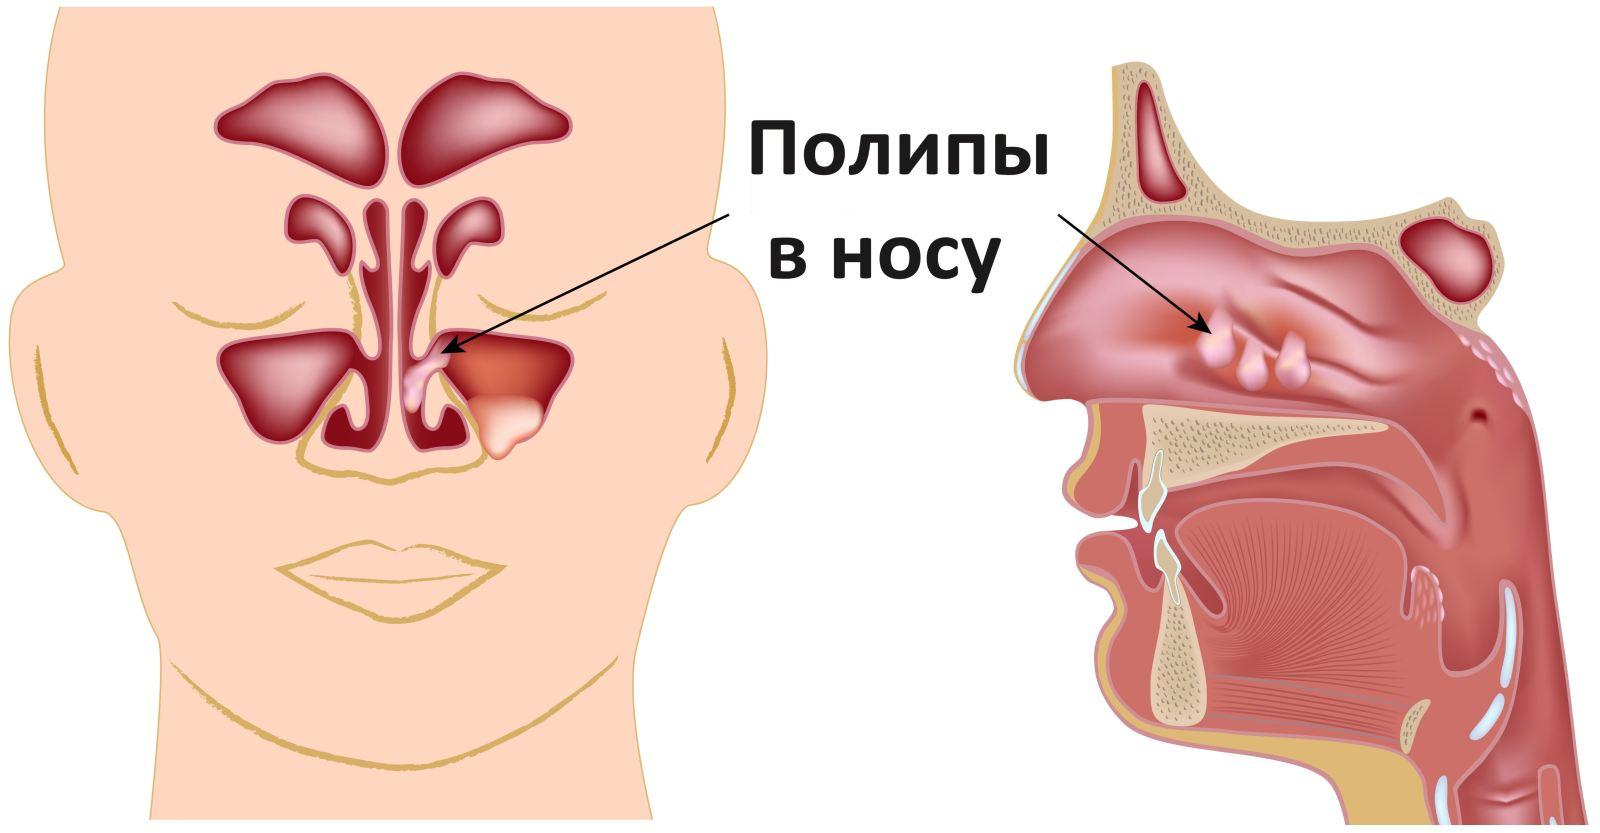 Полипы в носу симптомы и лечение